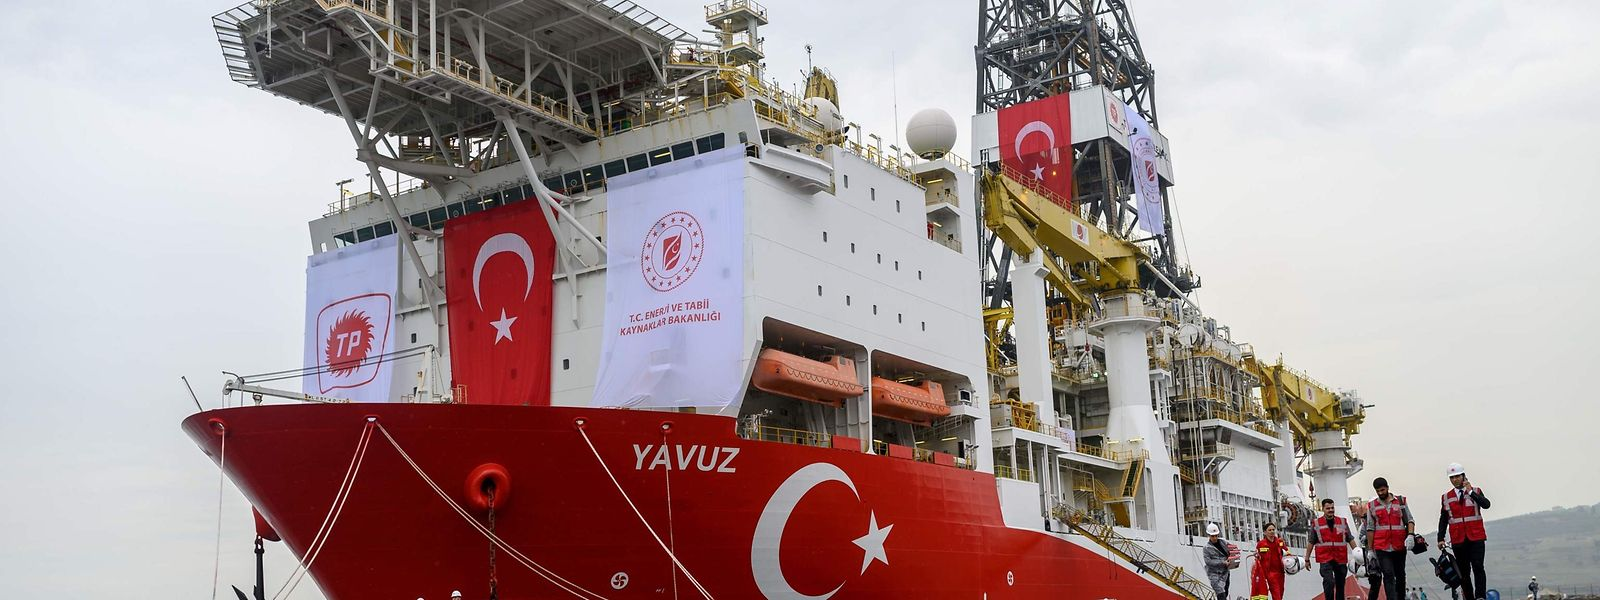 """Das Bohrschiff """"Yavuz"""", das die Probebohrungen vor Zypern durchführen soll."""